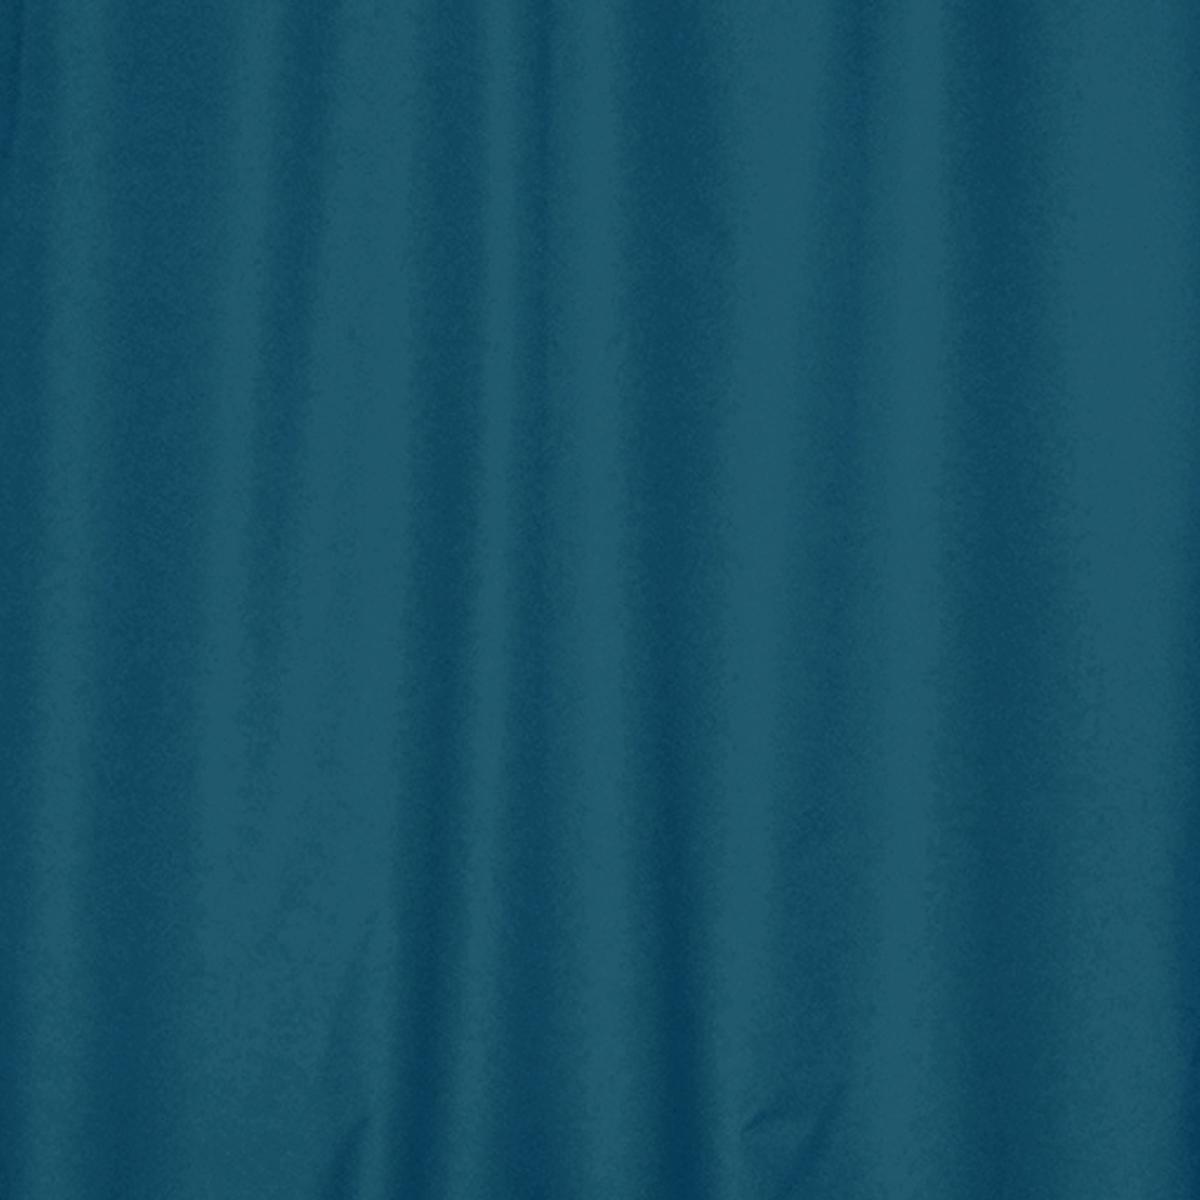 Toile d'ameublement outdoor - Bleu Paon - 1.5 m